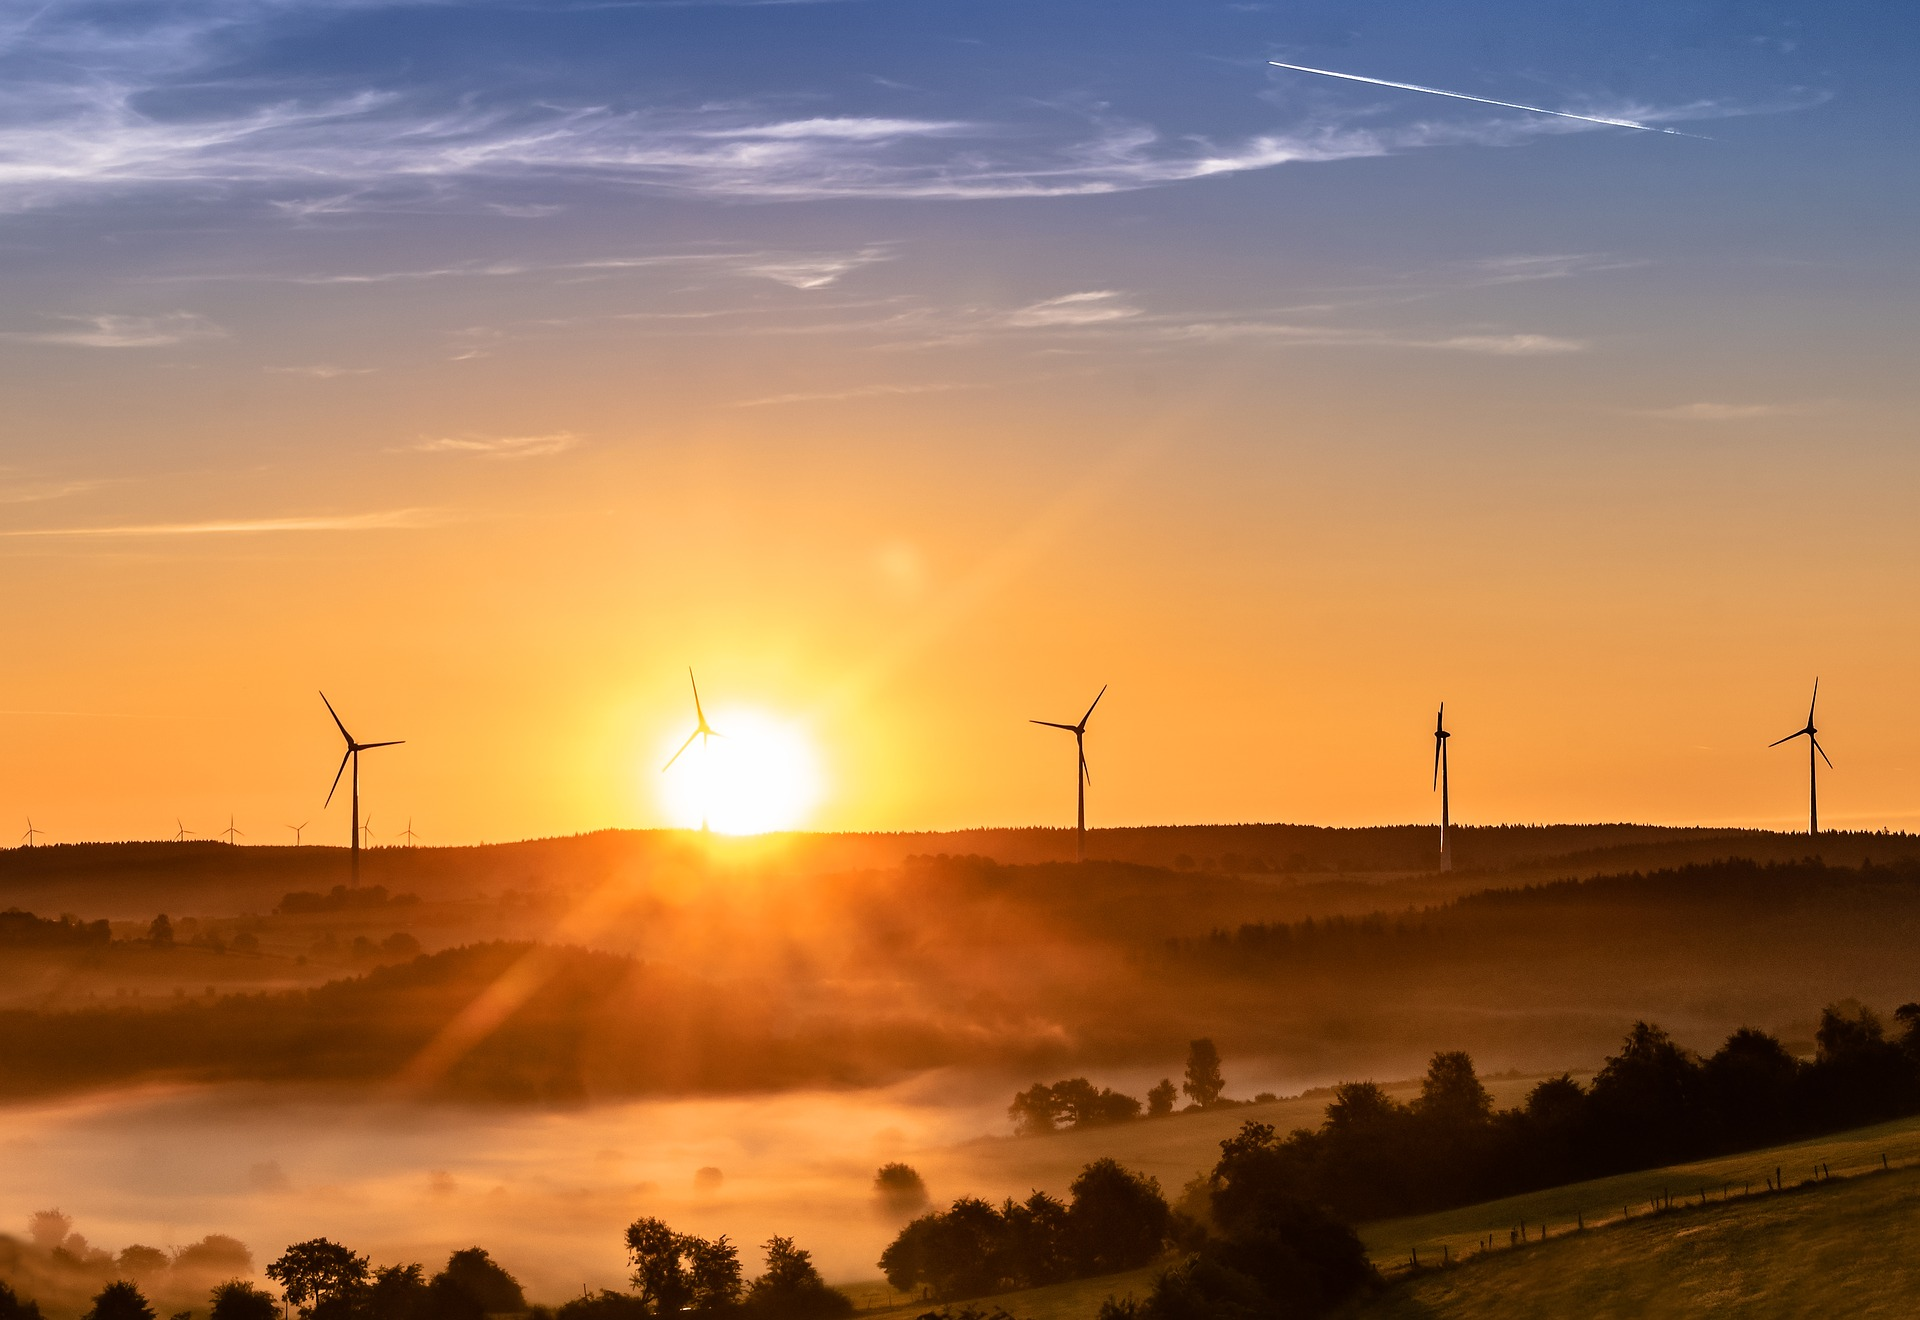 06 motivos do porquê fontes de energia renovável são tão importantes para o mundo